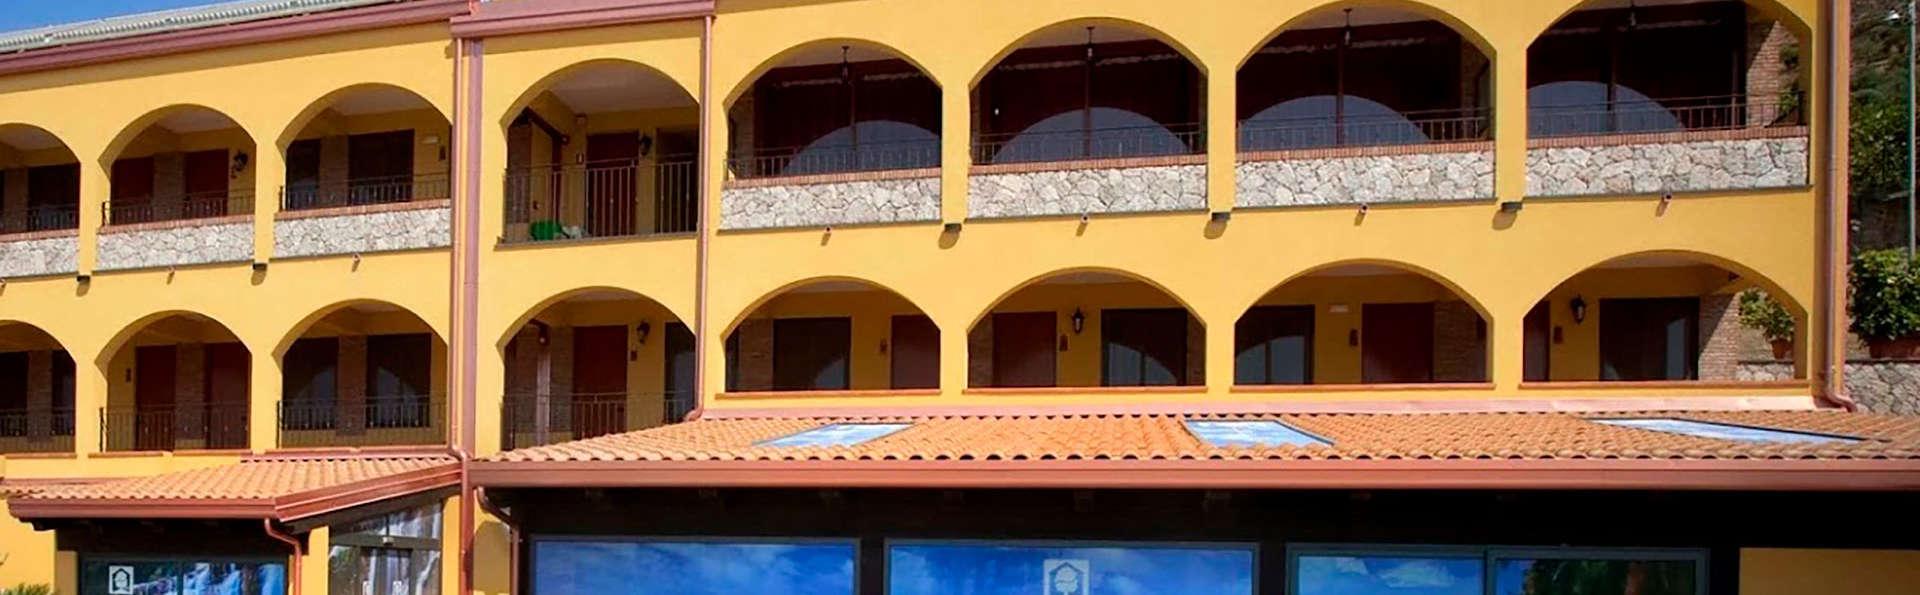 A Nuciara Park Hotel & Wellness Center - EDIT_FRONT_01.jpg